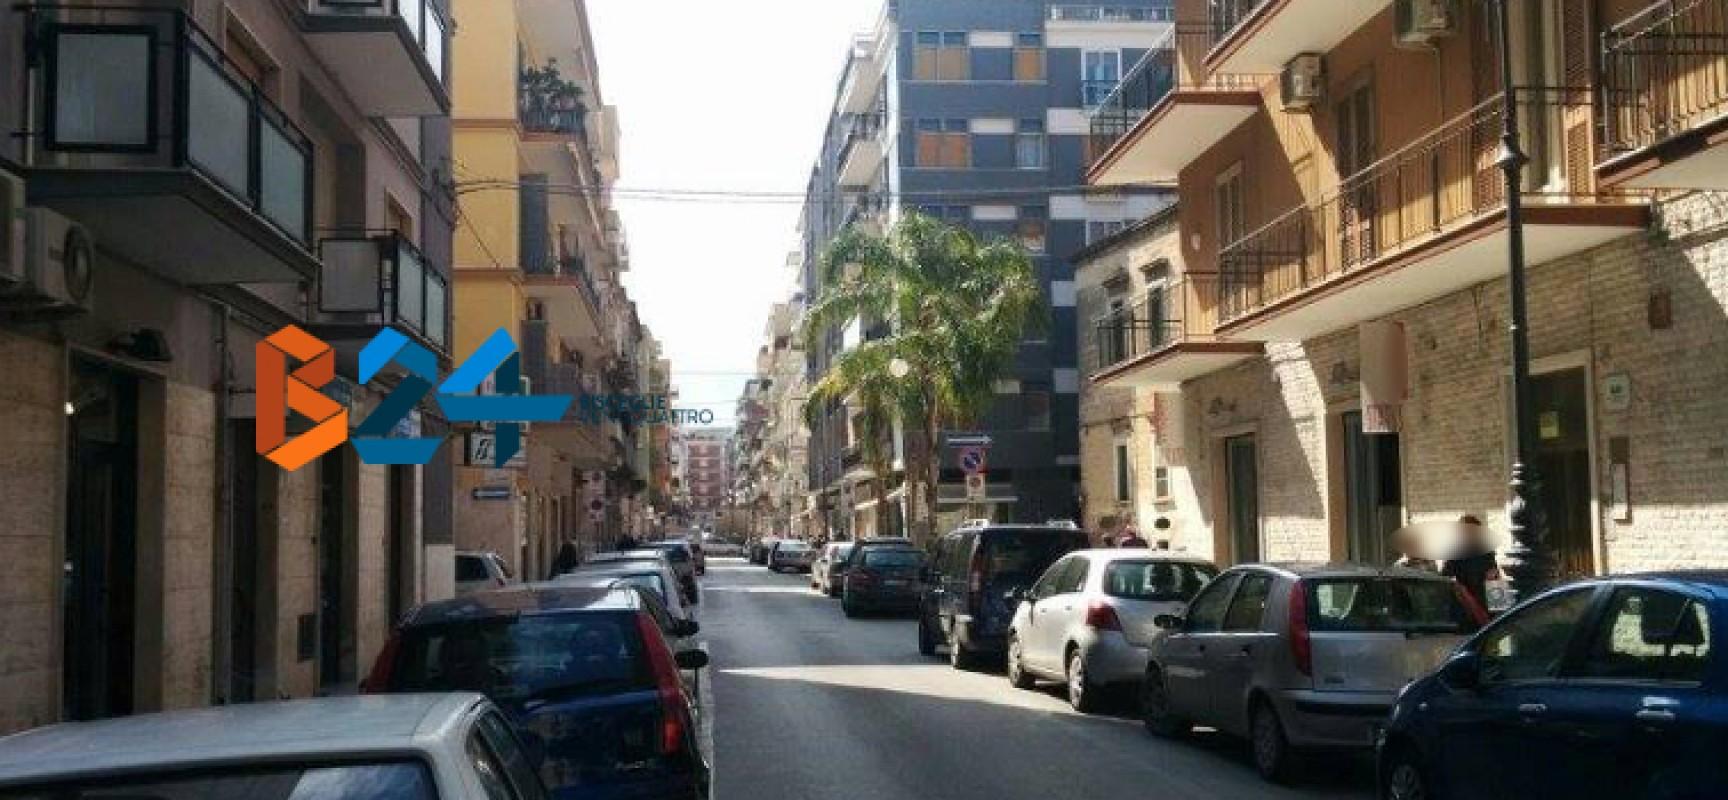 Carnevale, PROGRAMMA e chiusura di alcune strade del centro per organizzazione eventi